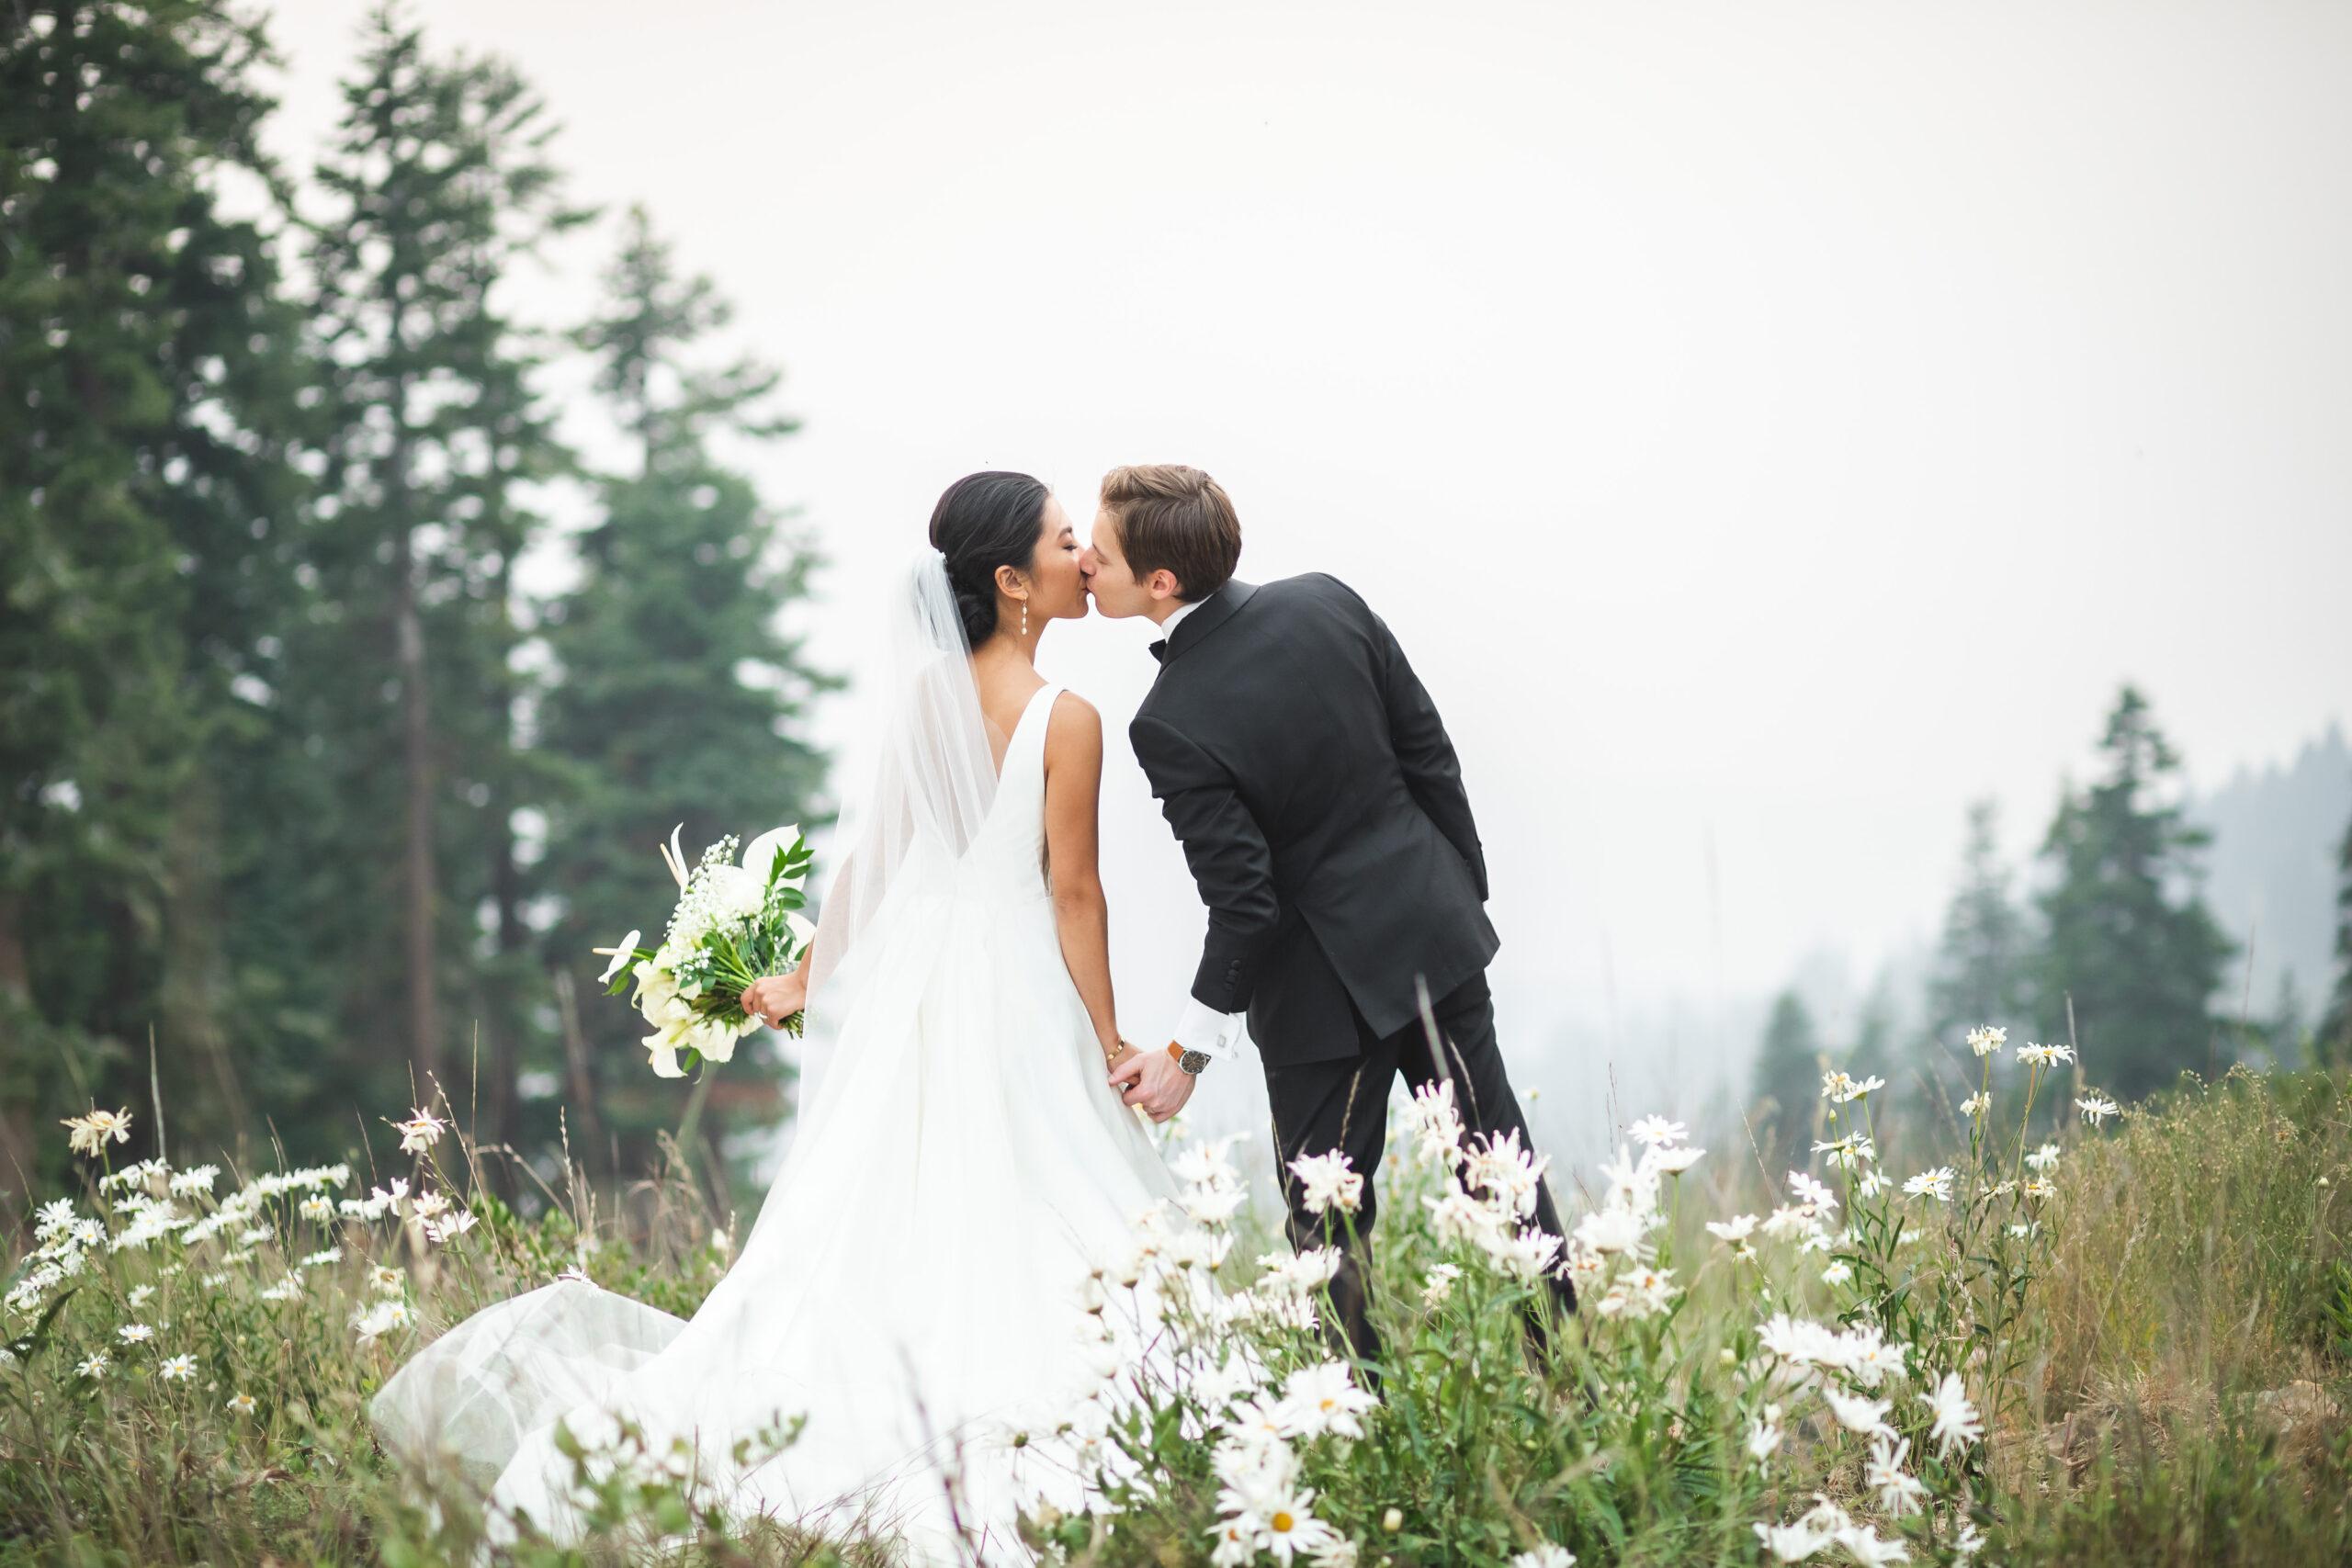 Erik & Sherrie's Wedding at Zephyr Lodge, Northstar at Lake Tahoe